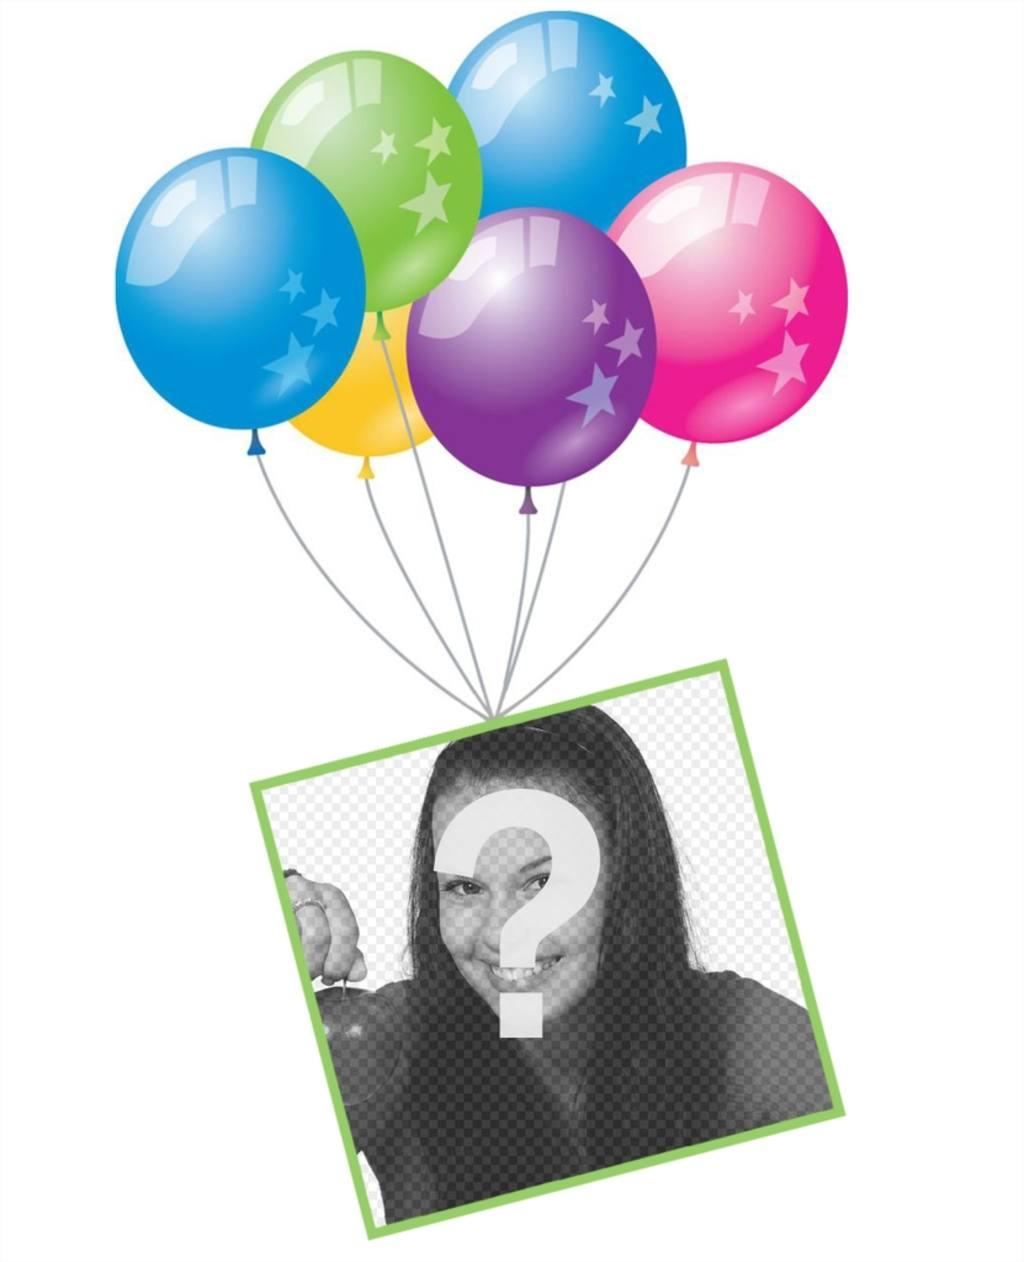 Effet photo avec des ballons et un cadre flottant pour ajouter votre photo de leffet original pour fêter un anniversaire ou une fête. Modifier avec votre photo uploader sur un cadre flottant avec des ballons colorés et partager cette carte postale gratuite dans vos réseaux sociaux